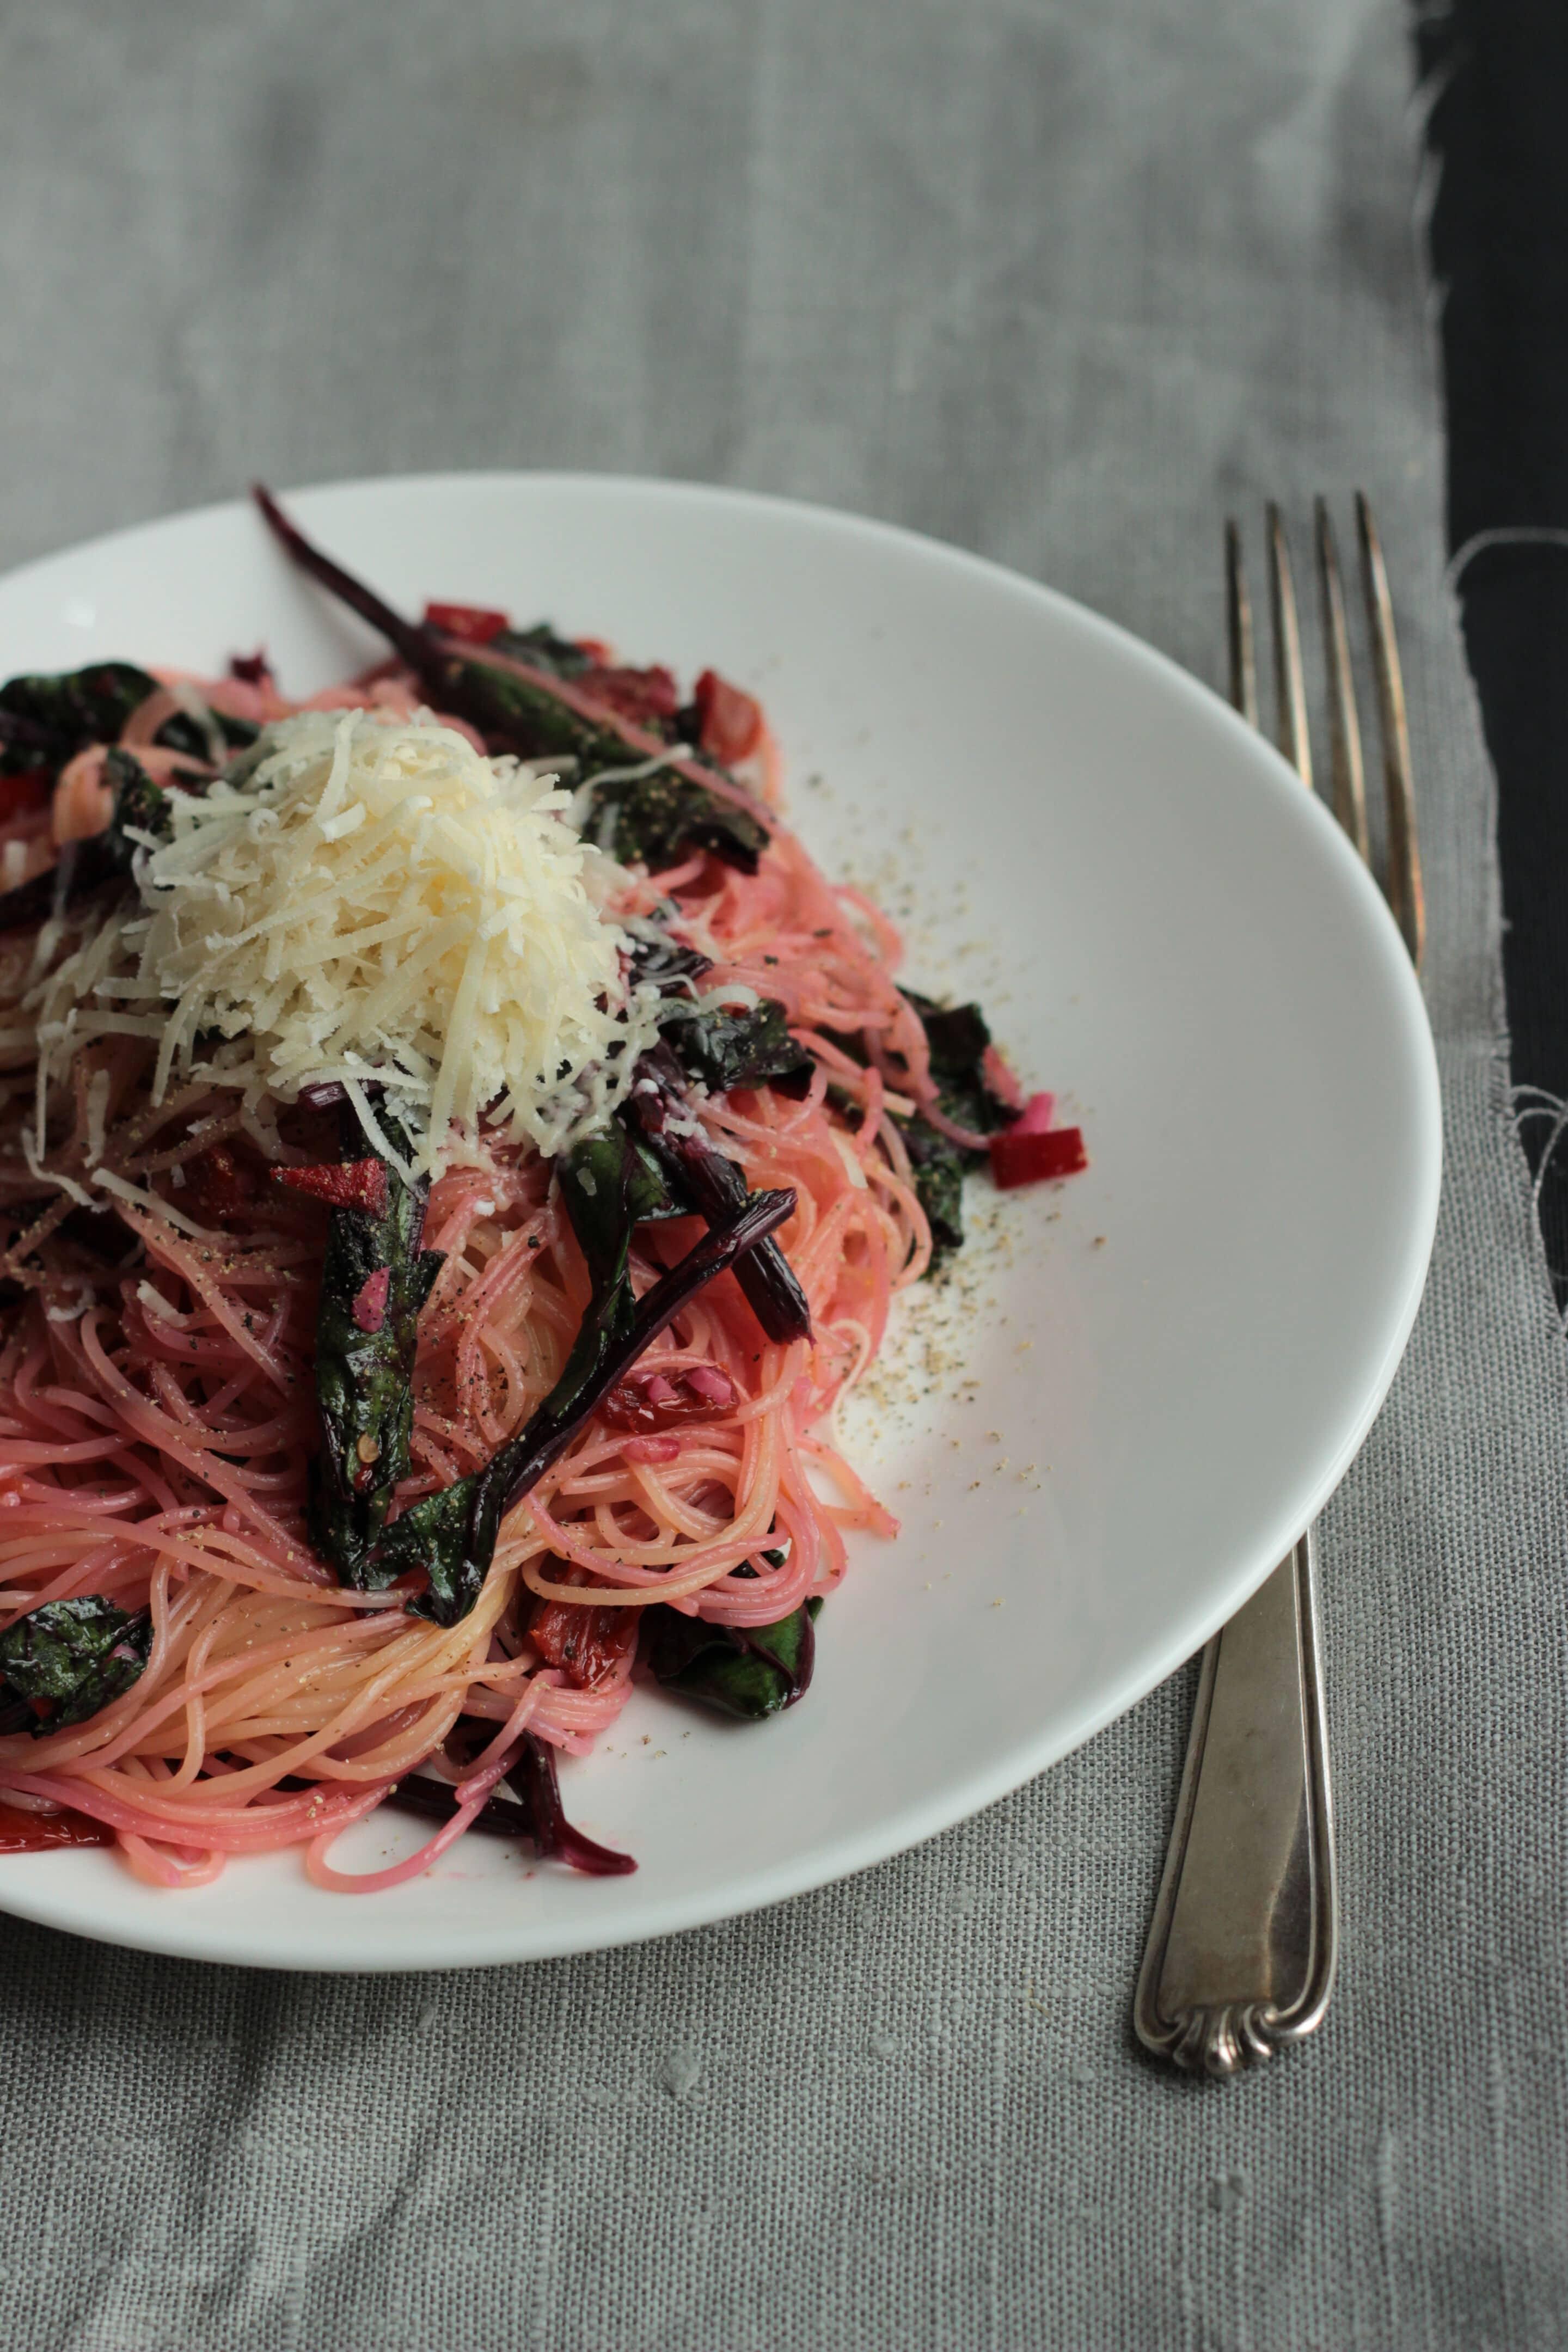 Pasta mit Rote-Bete-Blättern oder #pastaforingeborg die Achte